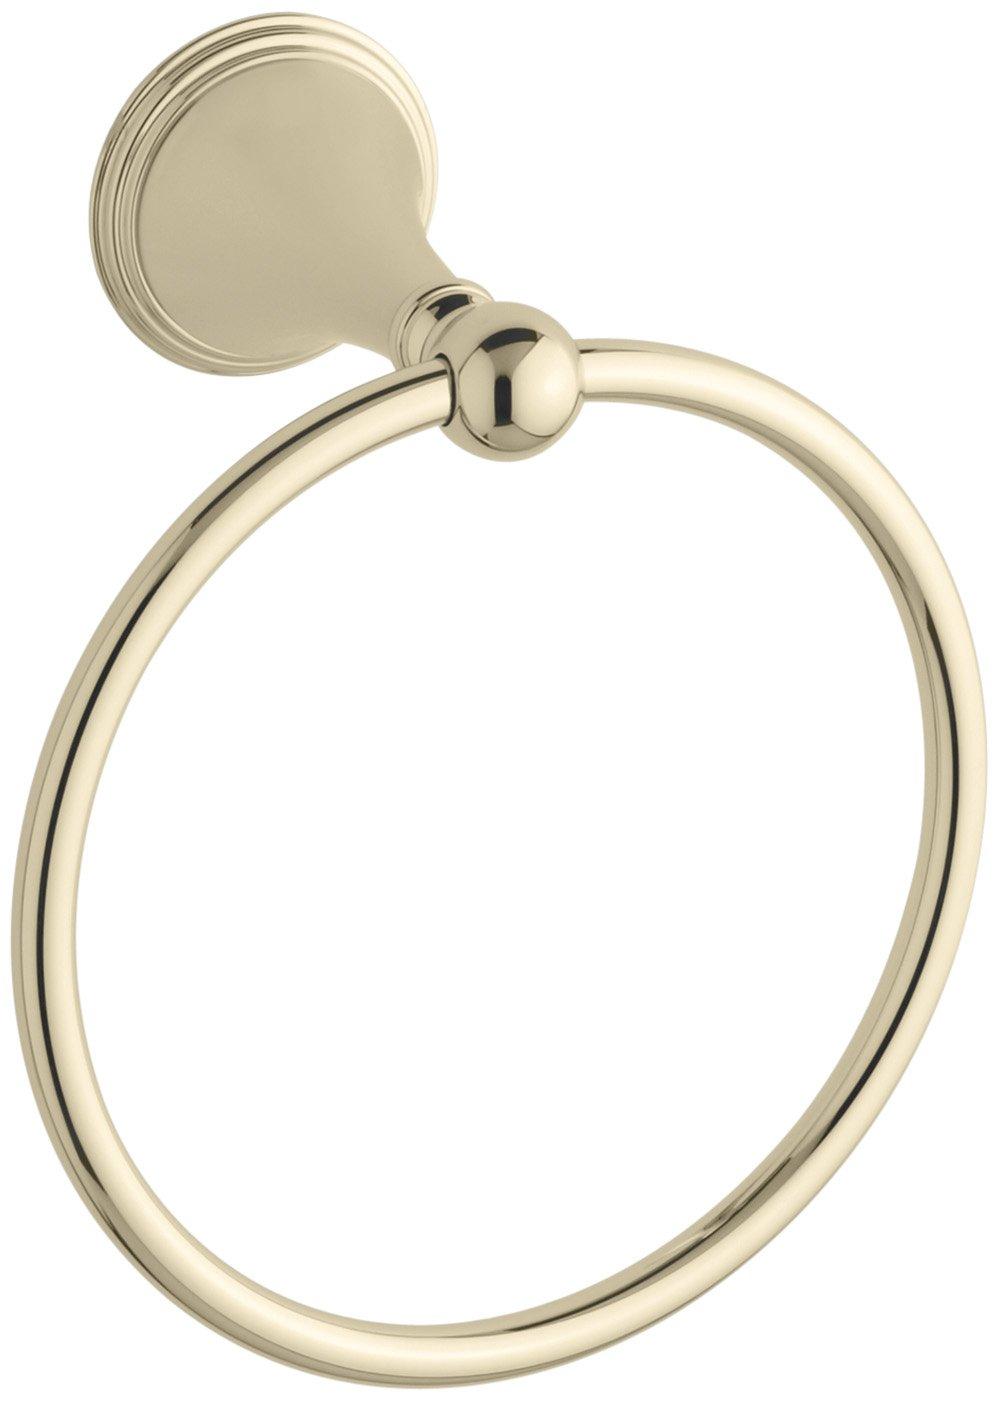 KOHLER K-363-AF Finial Traditional Towel Ring, Vibrant French Gold